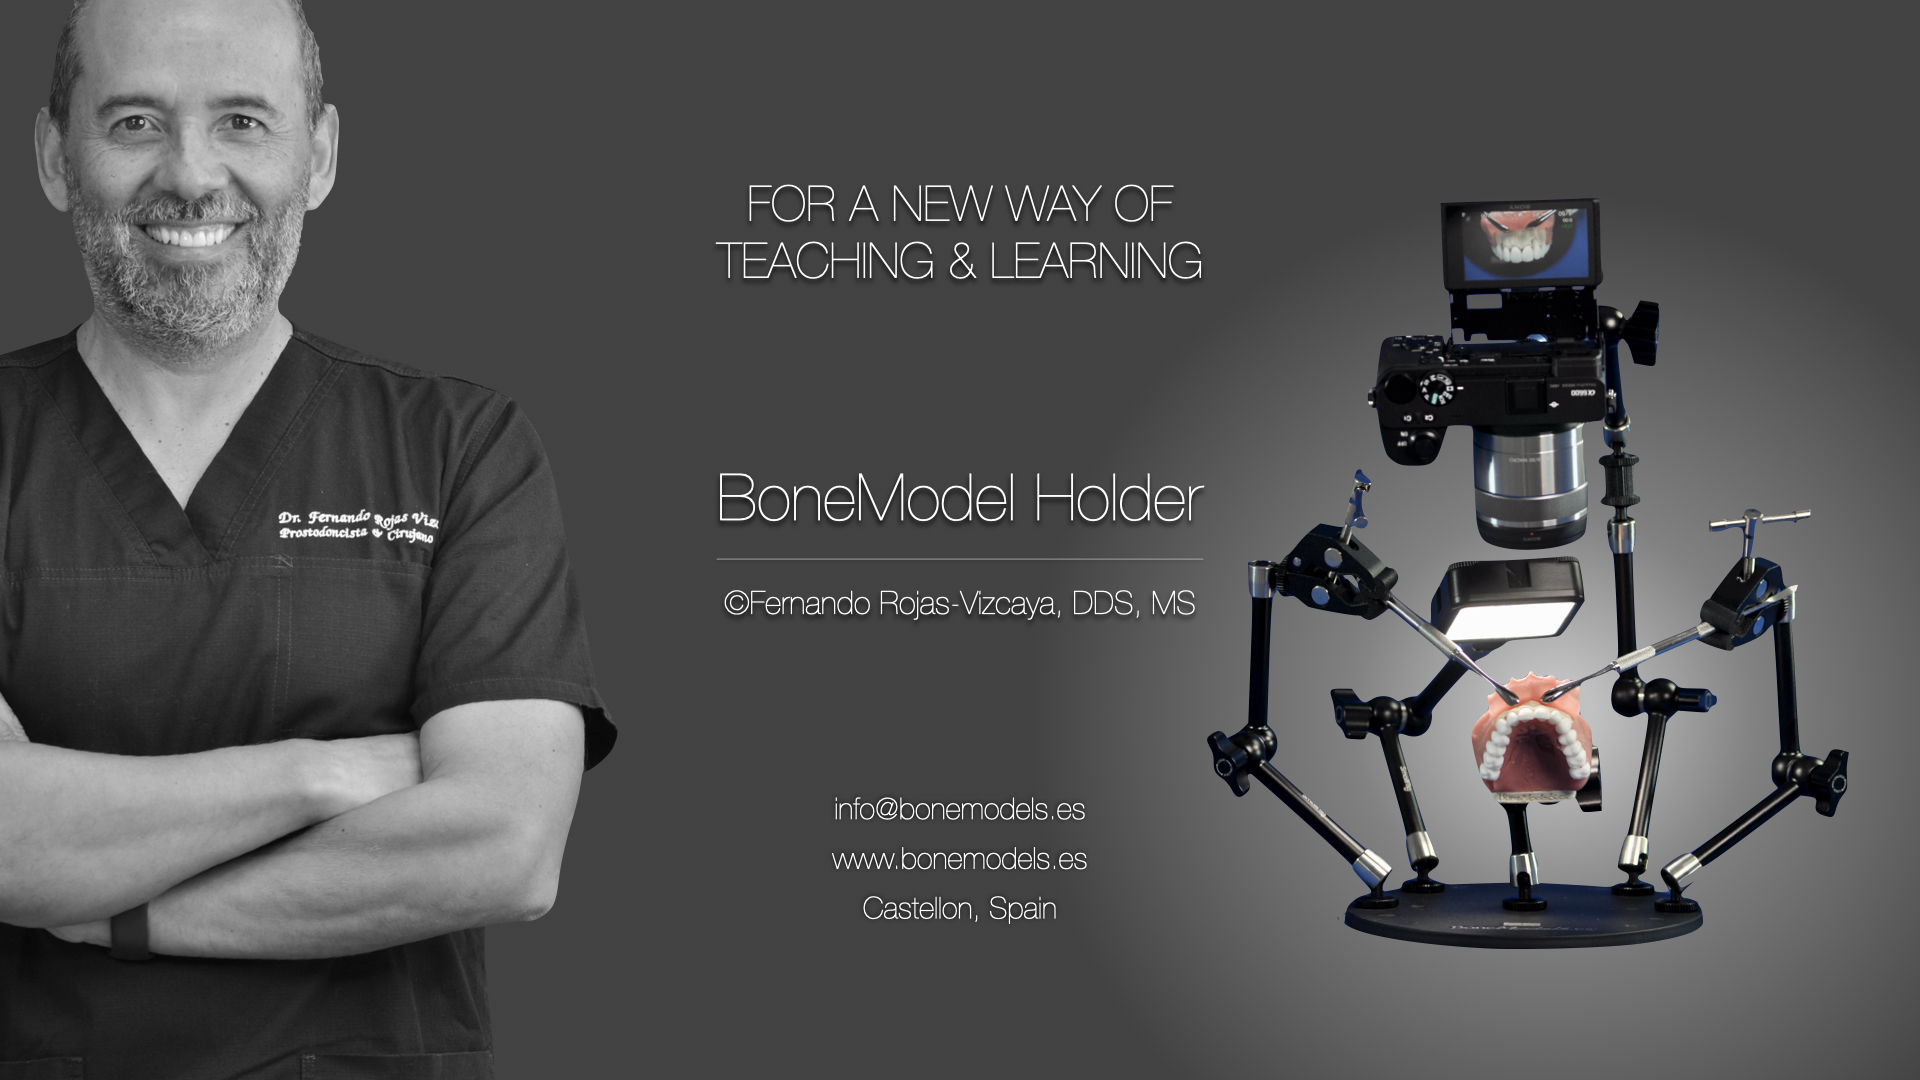 model holder1 1 - NEW BONEMODELHOLDER - FOR A NEW WAY OF TEACHING AND LEARNING! 🎯